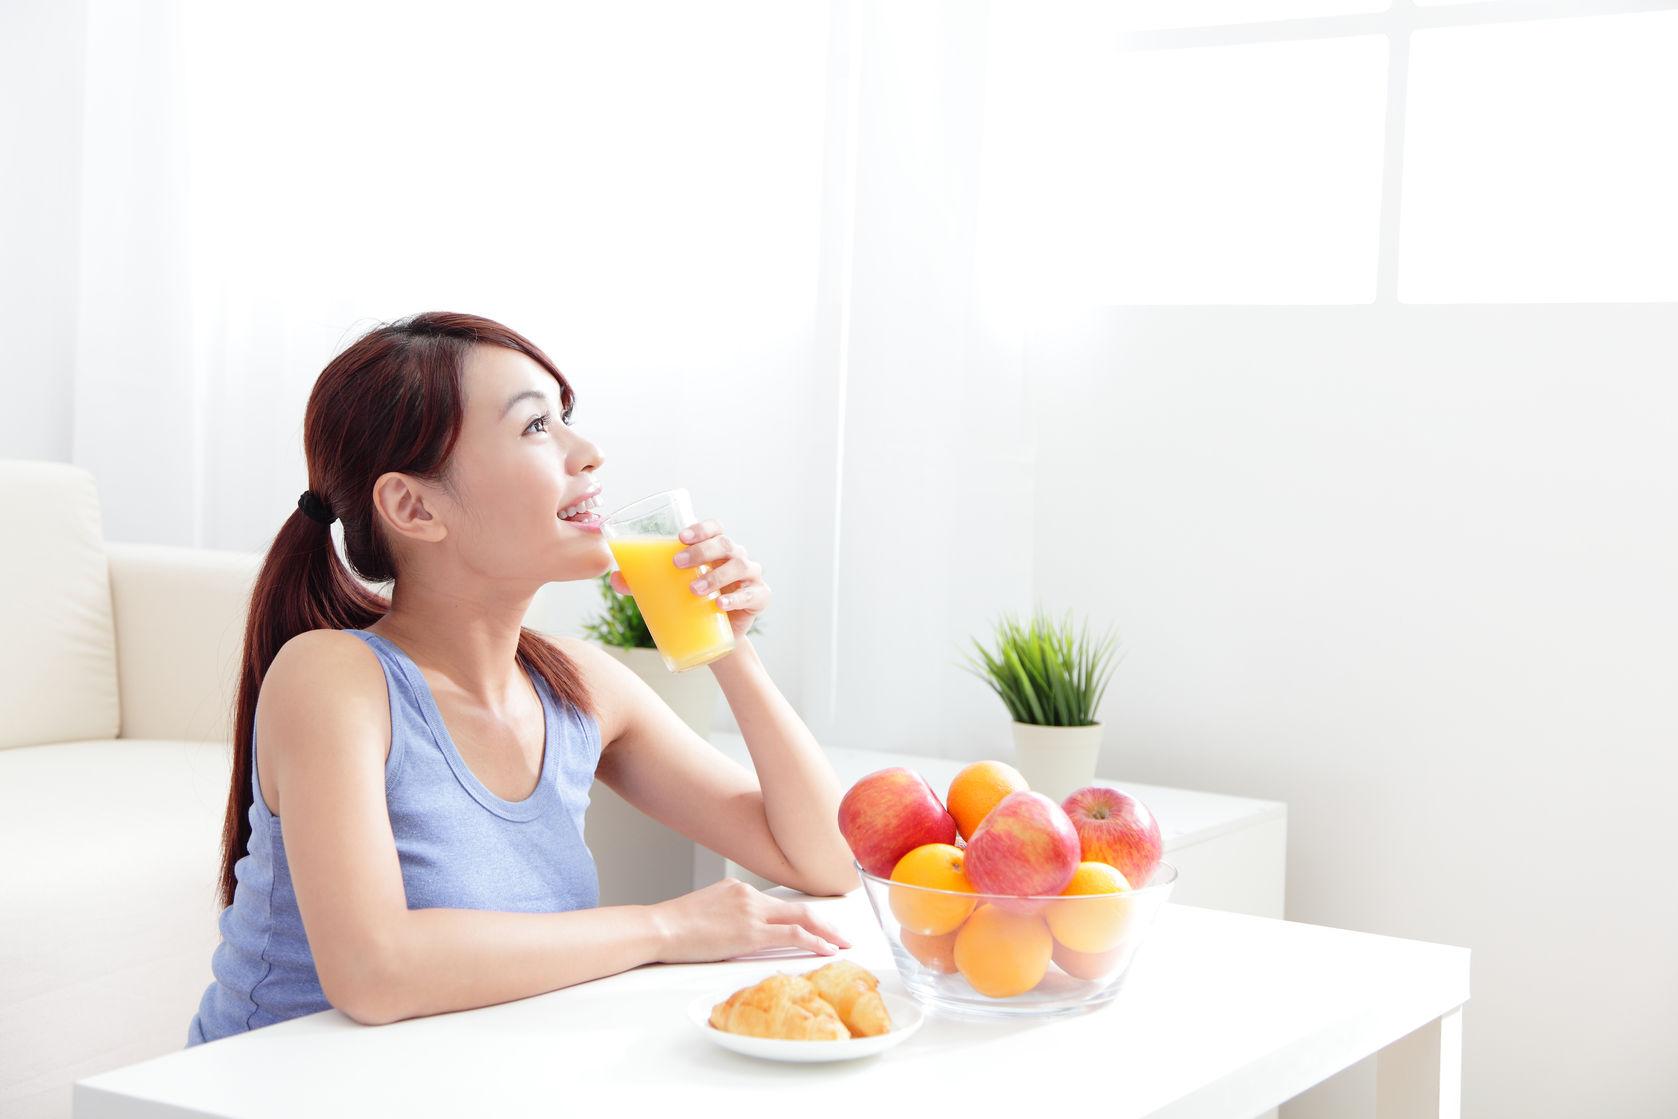 Néctar de frutos anaranjados por cuenta de Leo Morán